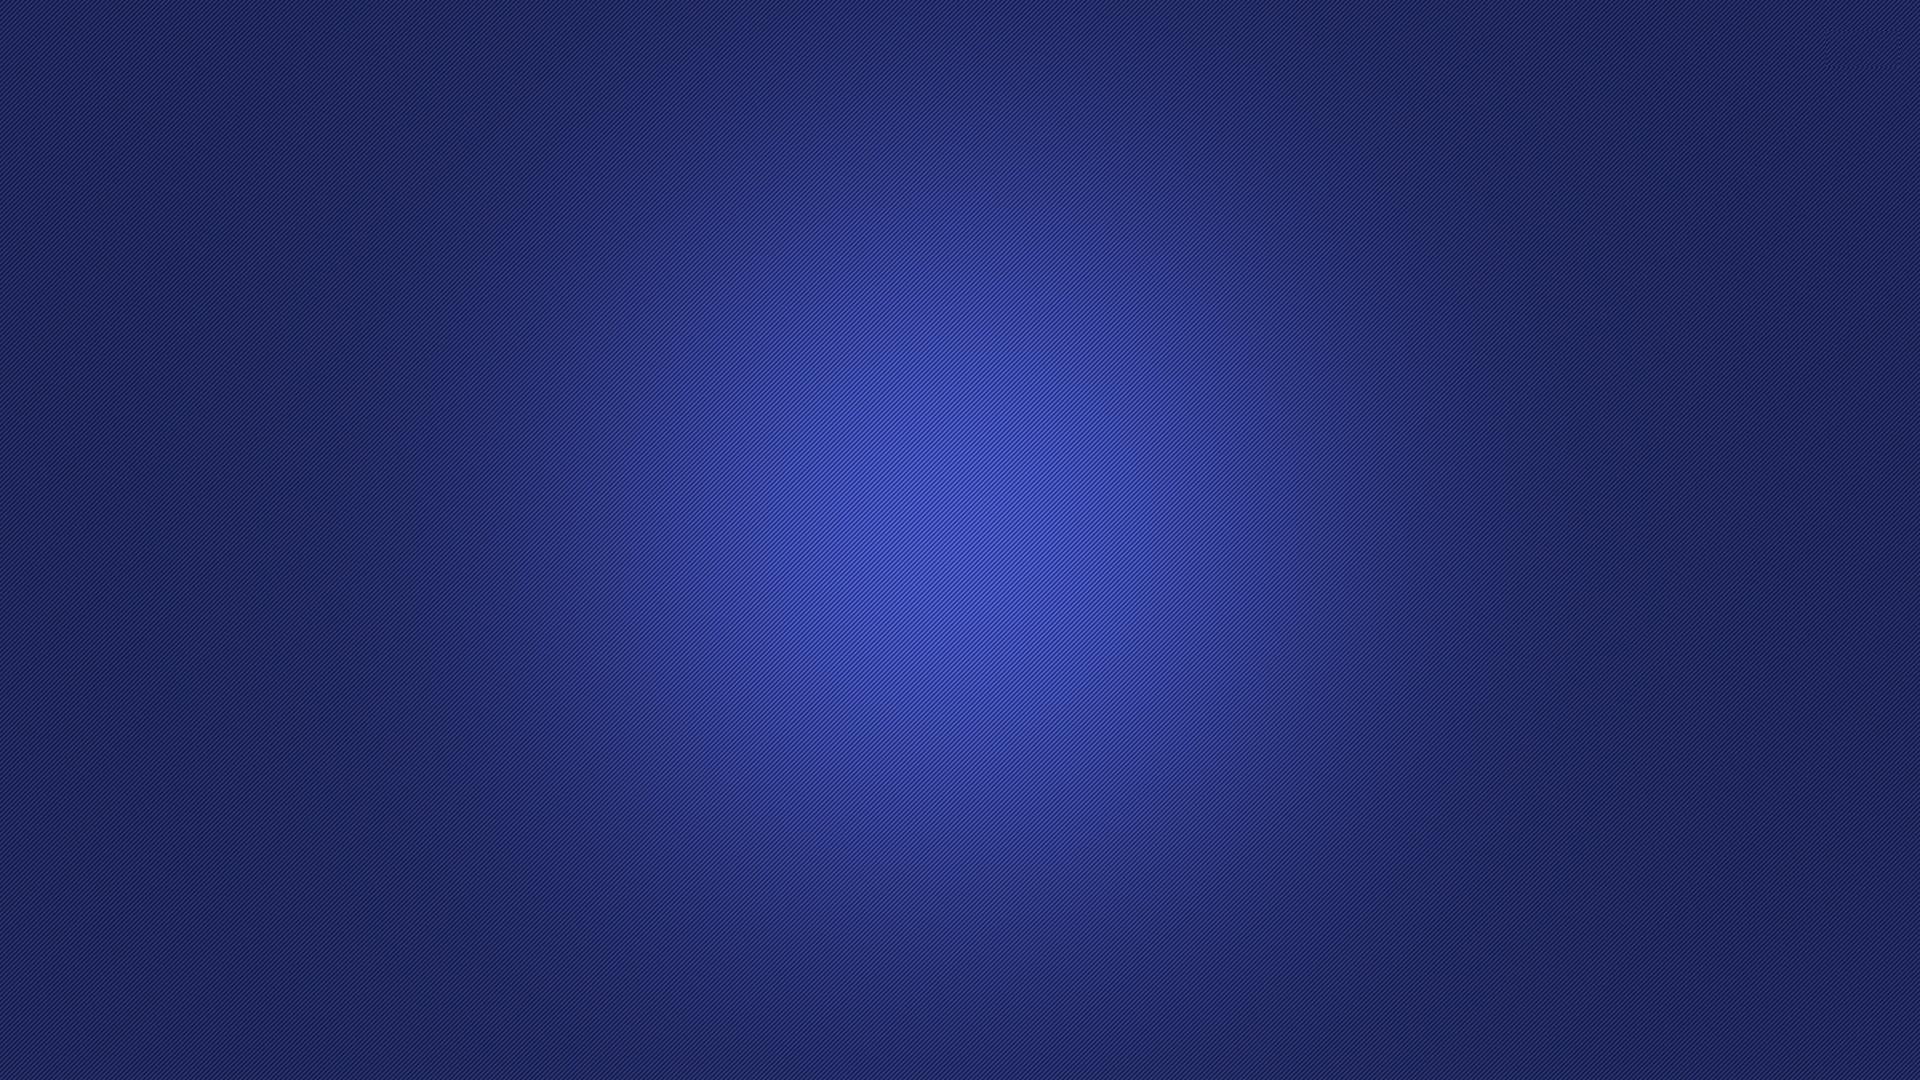 Blue-carbon-fiber-wallpaper-HD-diagonal-lines-digital-